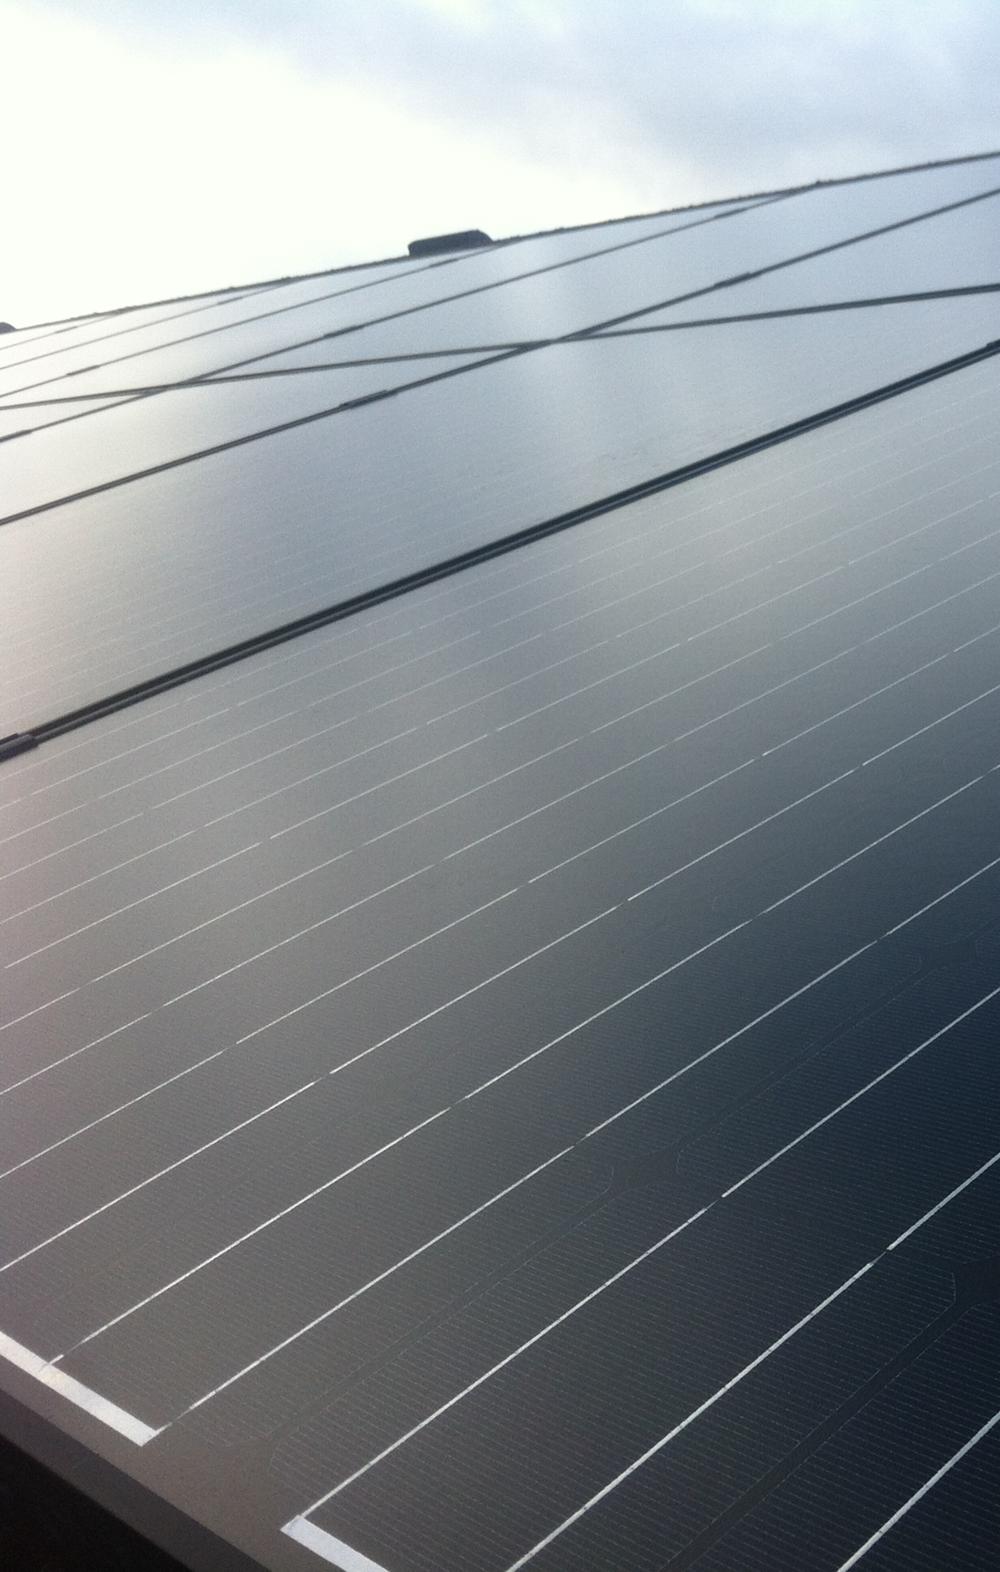 Voordelen - Er wordt steeds vaker gekozen voor zonnepanelen. U geniet van heel wat voordelen, zoals:Voordelen voor het milieu:✓ U wekt op een duurzame manier groene stroom op.✓ U draagt bij aan een verlaging van de CO2-uitstoot.Voordelen voor uw huis:✓ Uw woning stijgt gemiddeld met 5.000 euro in waarde.✓ Uw energielabel stijgt.Voordelen voor uw portemonnee:✓ Uw energierekening gaat omlaag.✓ Teveel opgewekte stroom levert u tegen een vergoeding terug aan uw energieleverancier.